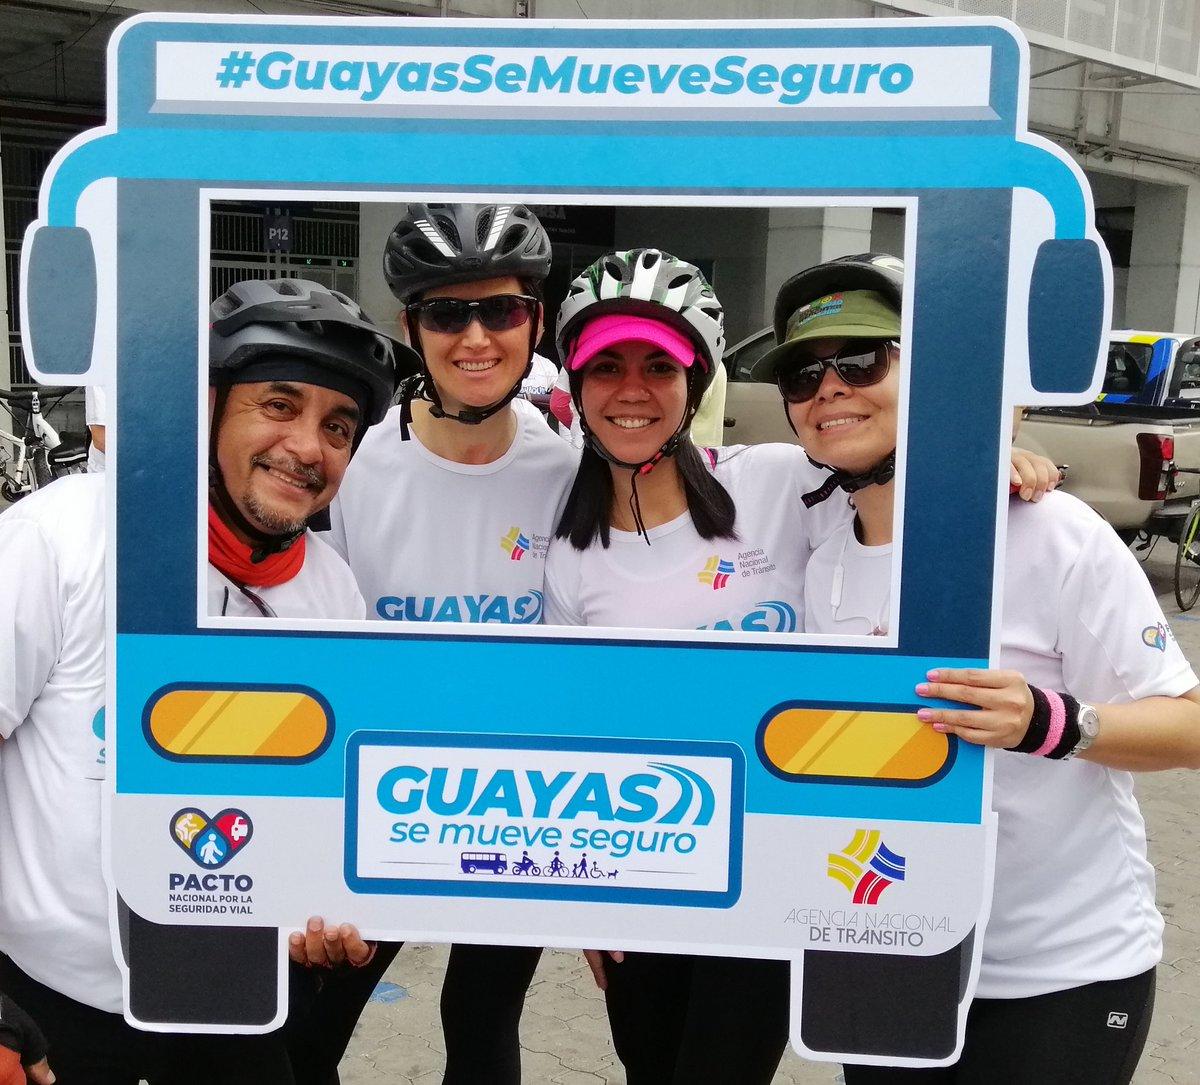 Celebramos las fiestas julianas pedaleando por la siempre hermosa ciudad de #Guayaquil. #GuayasSeMueveSeguro el ciclismo es vida! 🚵♀️ @gabymunozoc